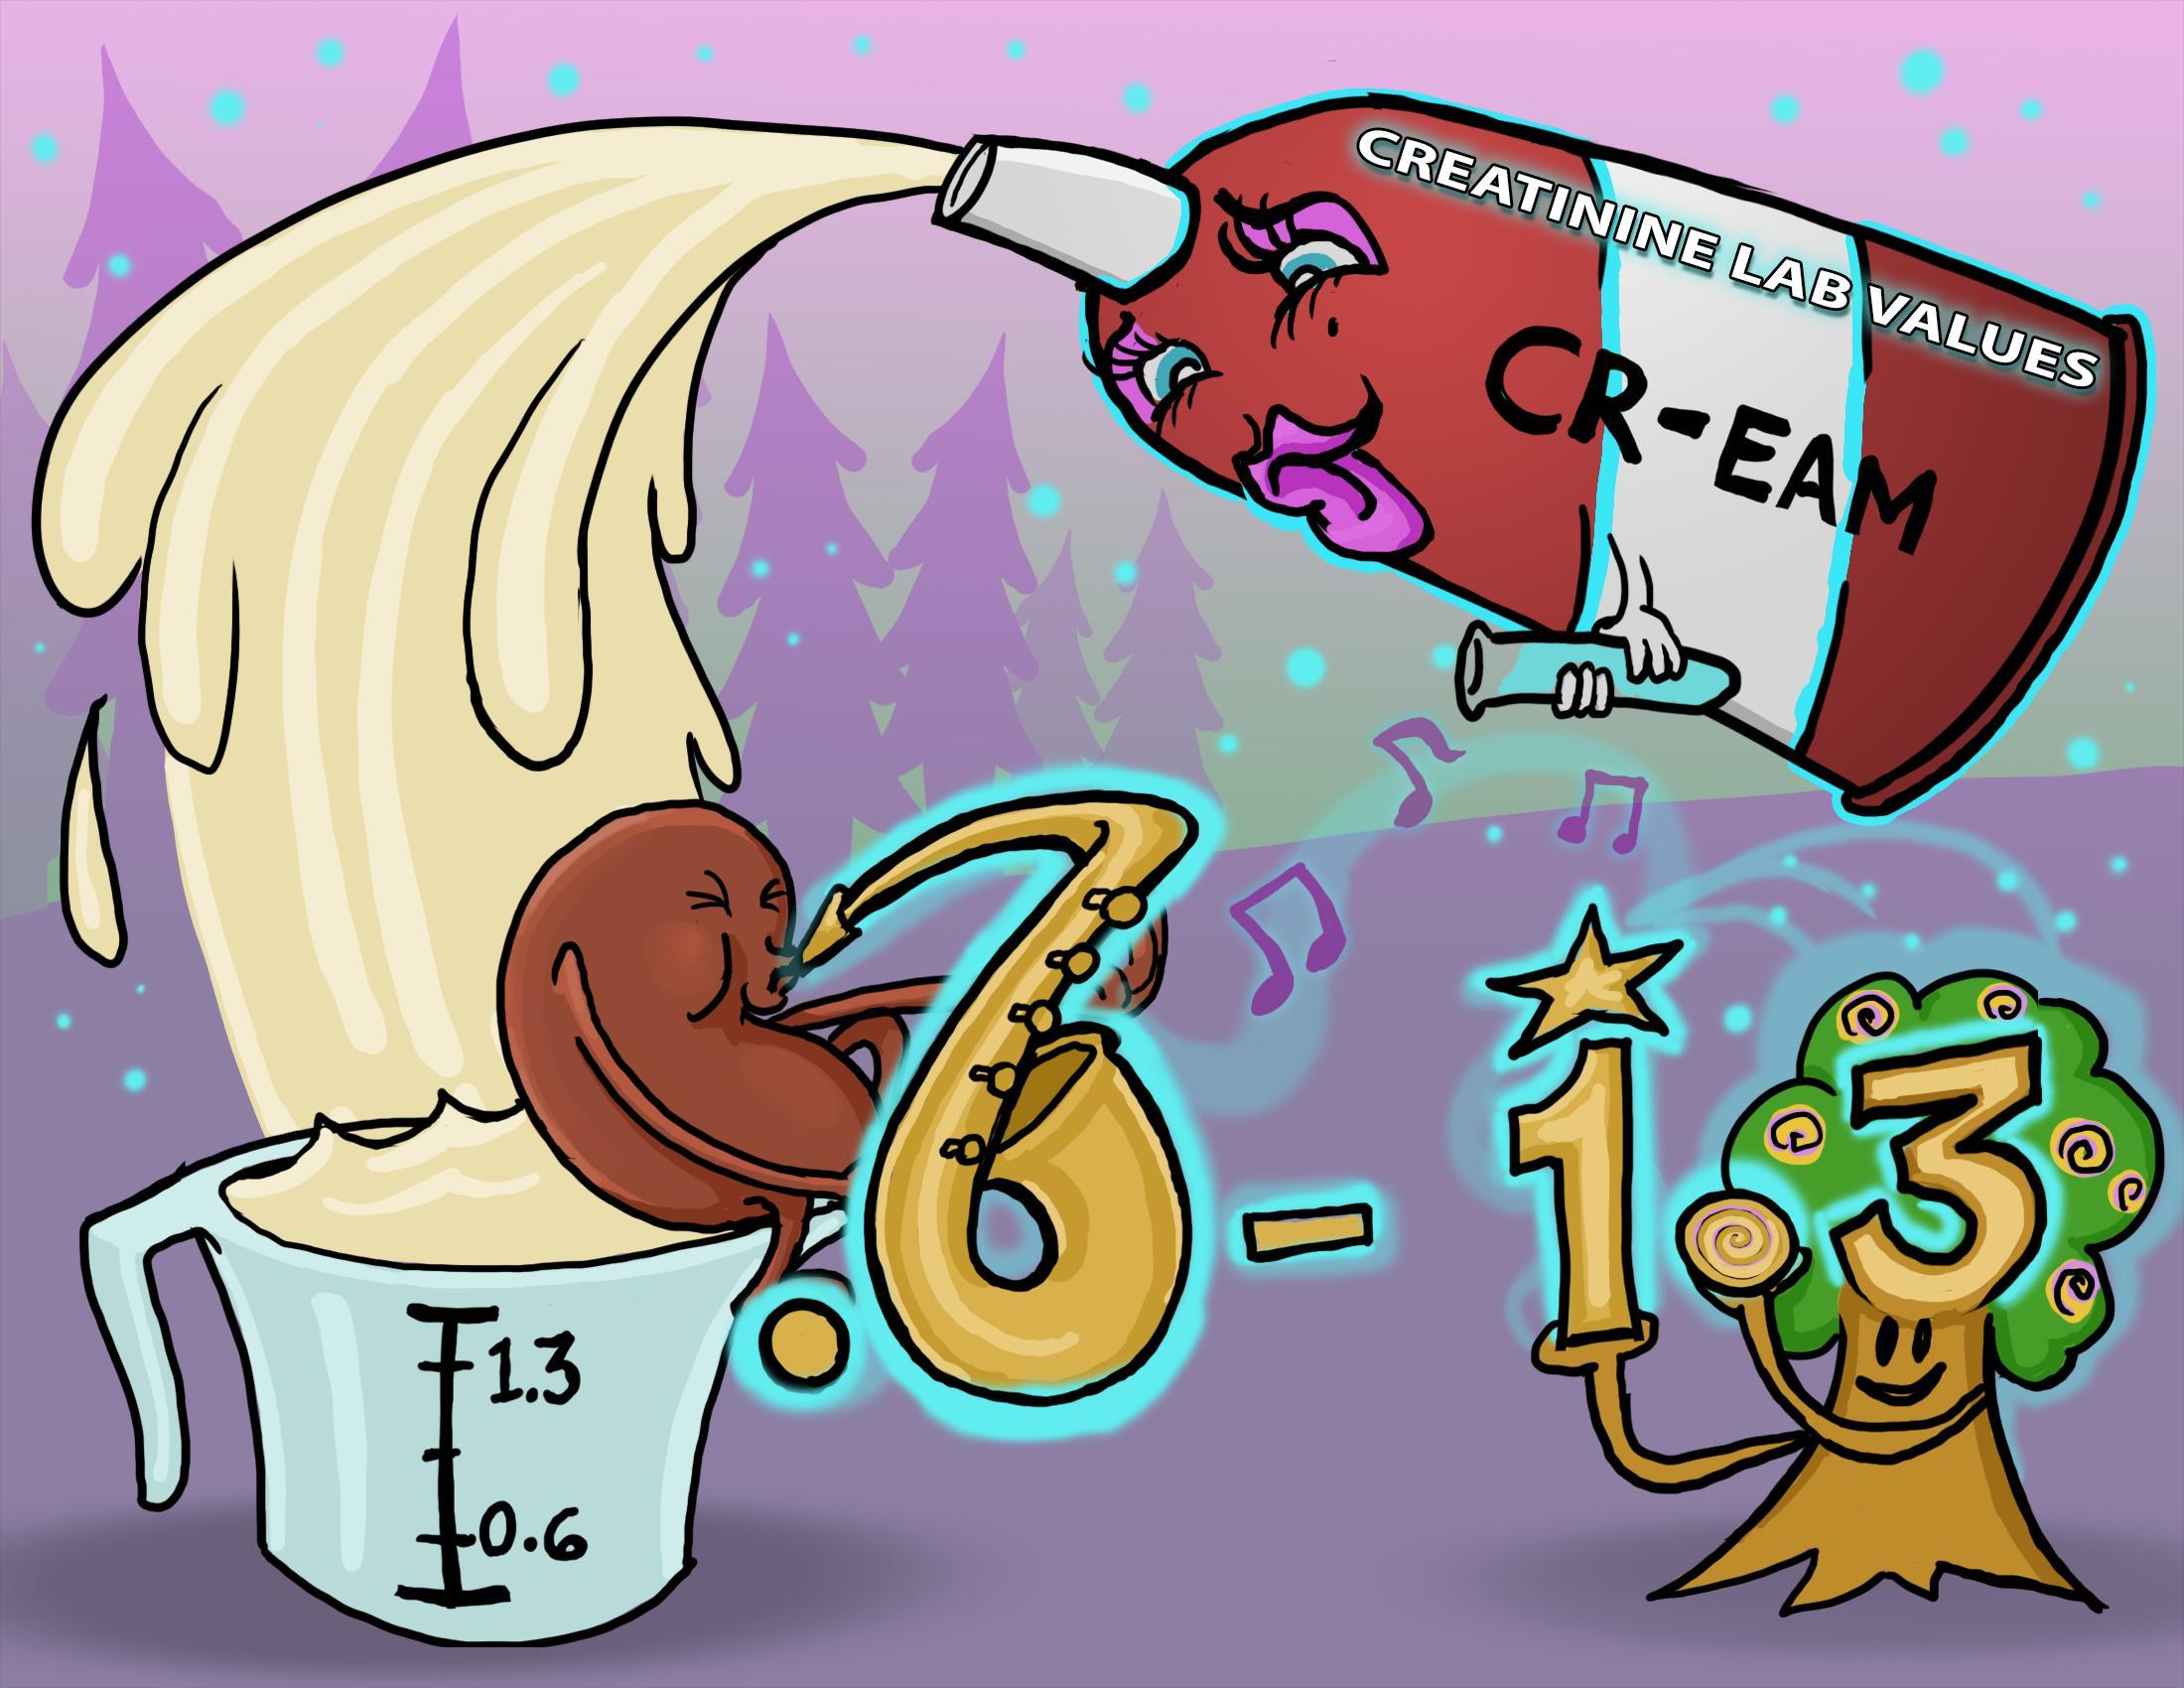 Creatinine Lab Values